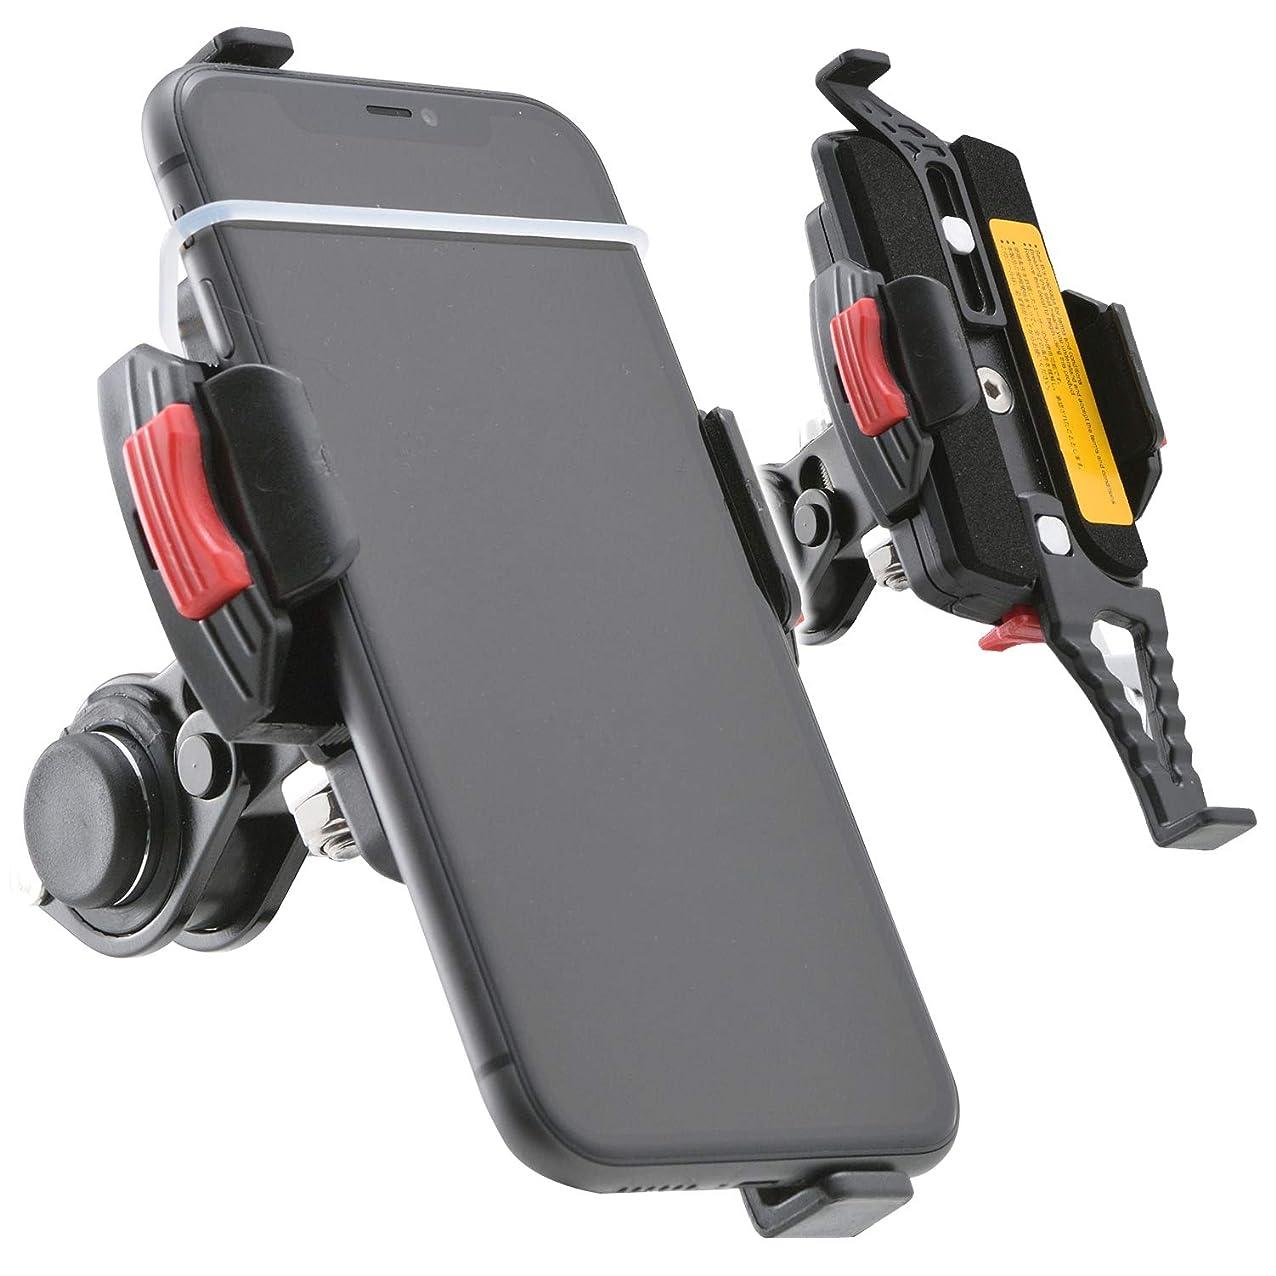 タクト左過半数デイトナ バイク用 スマホホルダー ワイド リジット iPhone11/Pro/Pro Max対応 WIDE IH-550D 92601